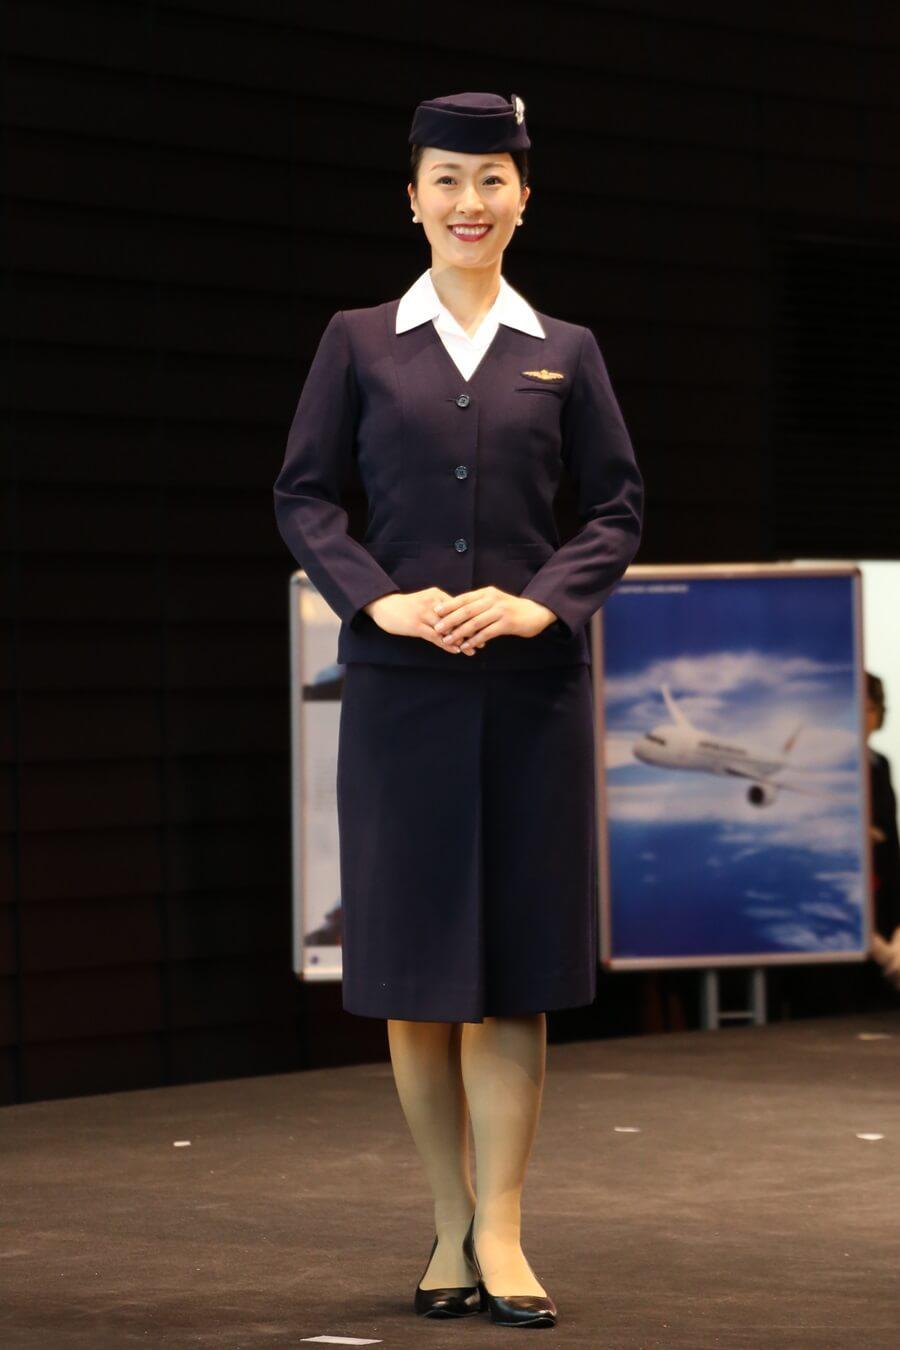 日本航空2代目制服 JALとJEX客室乗務員歴代制服ファッションショー 客室乗務員 スチワーデス 歴代ユニフォーム 制服 空の日フェスティバル JAL fashion show (15)